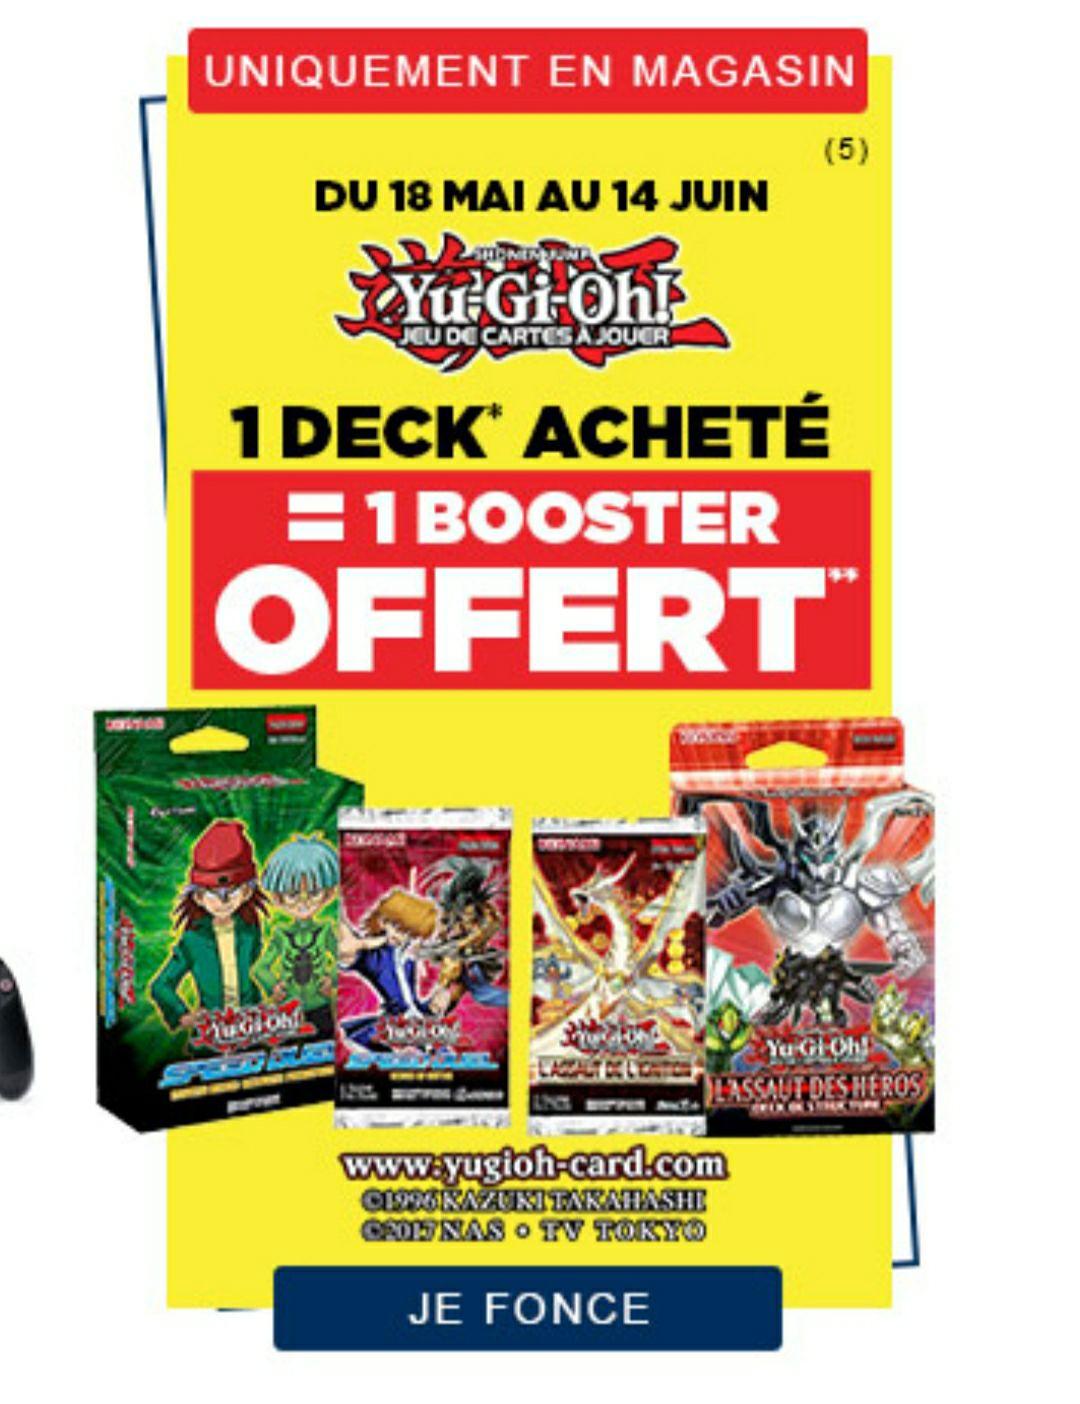 1 Deck Yu-Gi-Oh! acheté = 1 Booster offert parmi une sélection